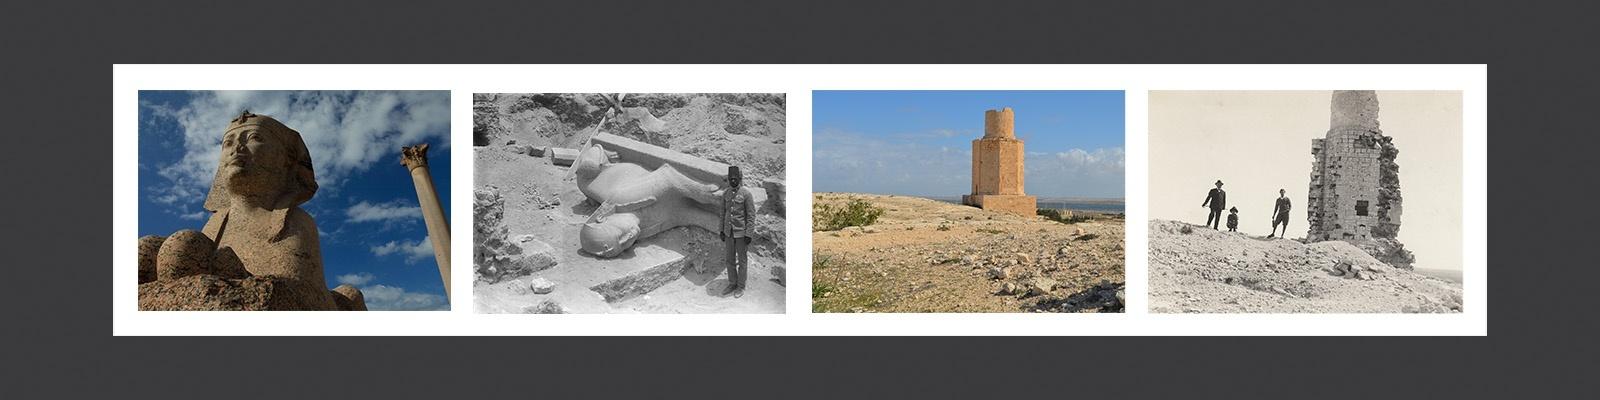 """""""إعادة اكتشاف آثار الإسكندرية: الإسهامات الإيطالية"""""""